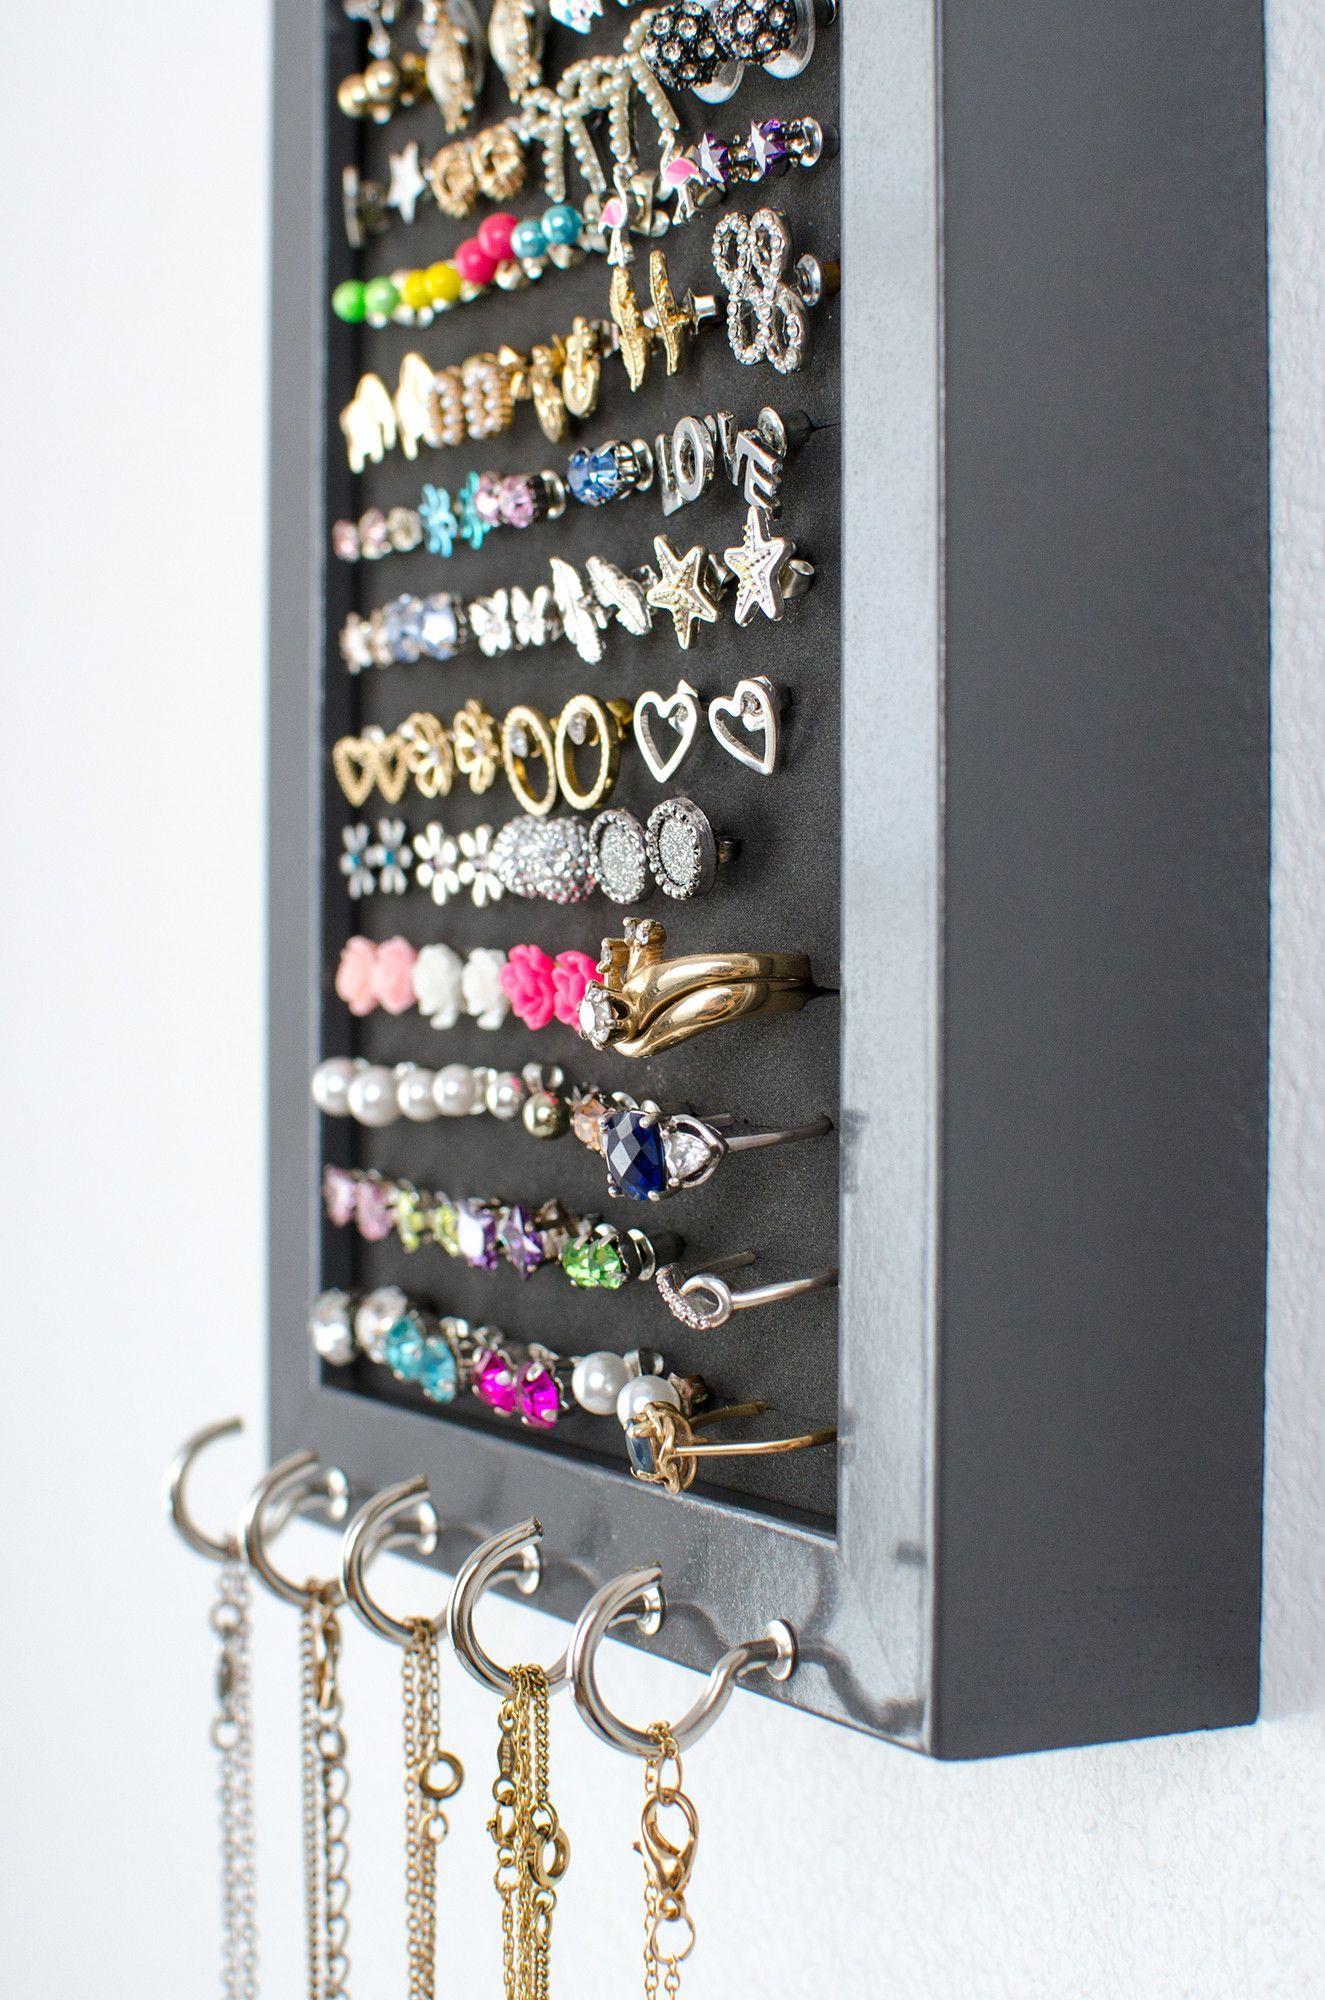 Hook earring necklace organizer 5x7 gray frame foam